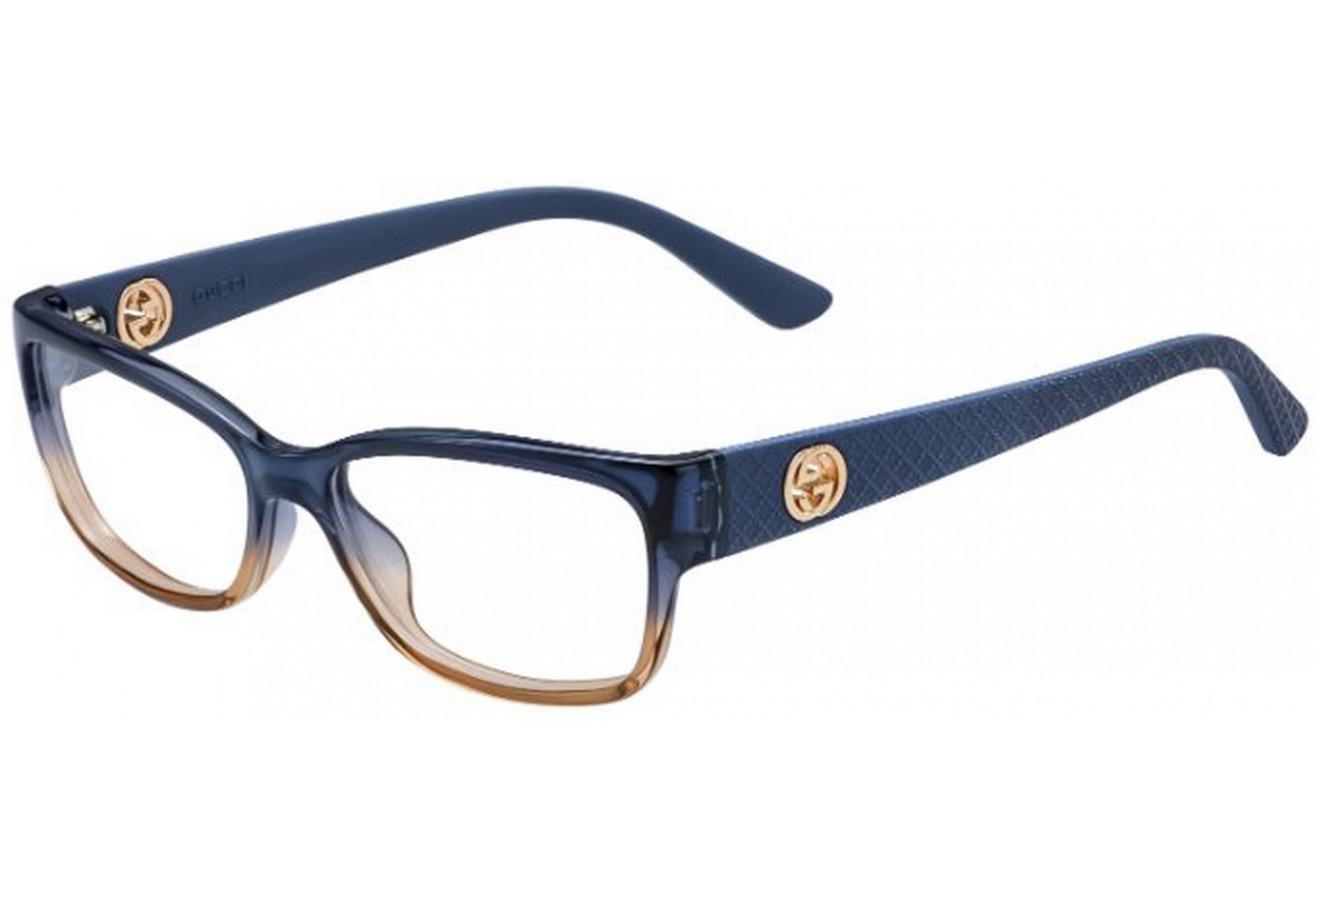 lunettes de vue gucci gg 3790 kf1 54 15. Black Bedroom Furniture Sets. Home Design Ideas